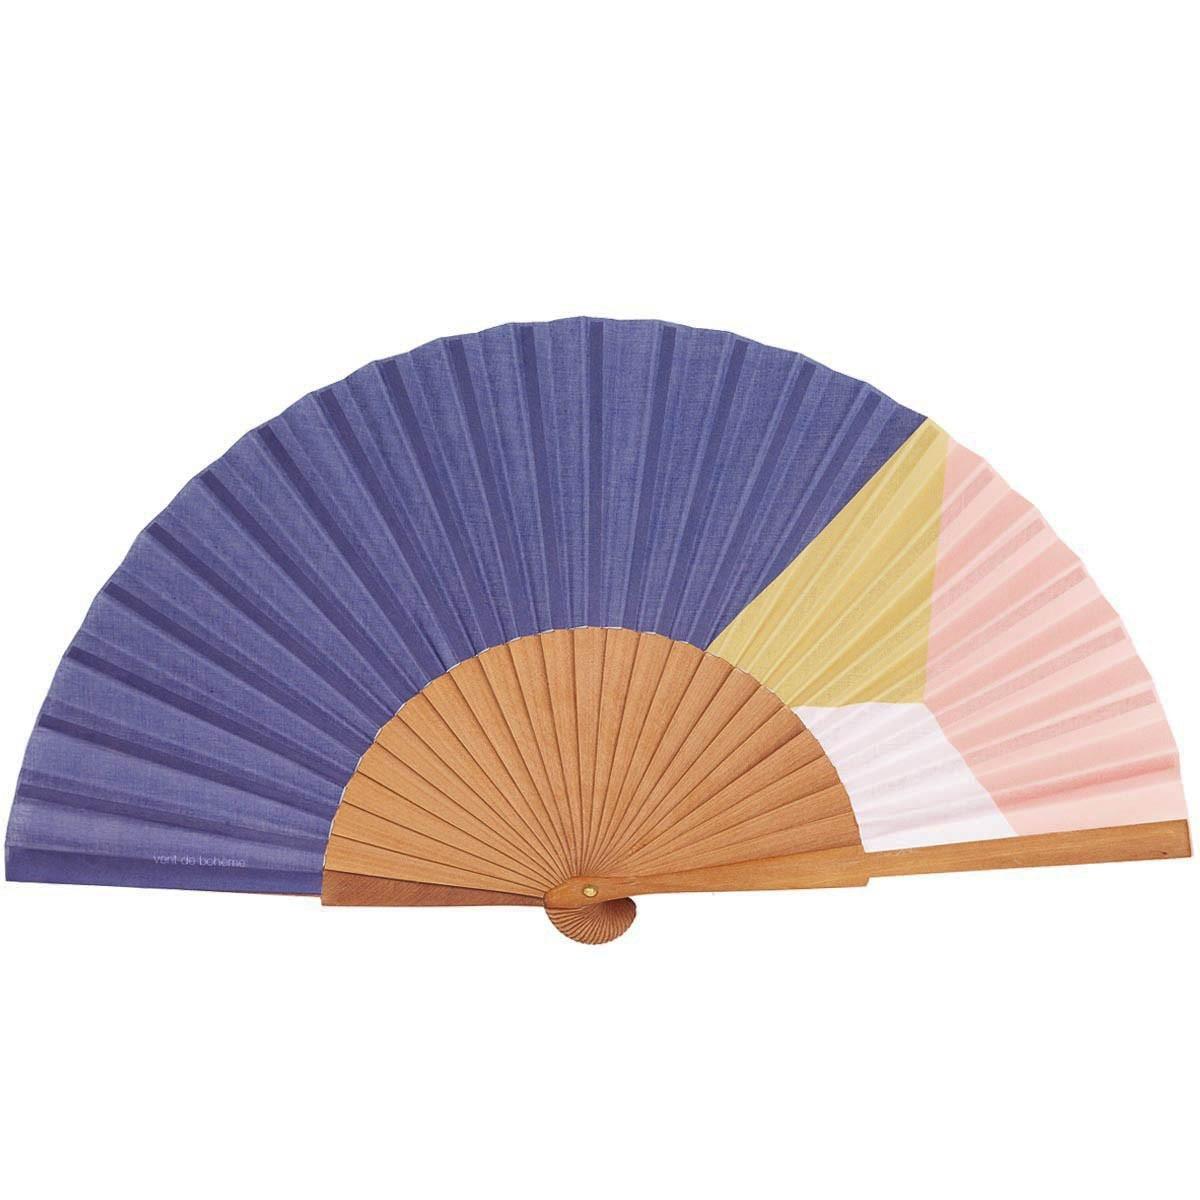 Éventail en bois de merisier et coton imprimé indigo